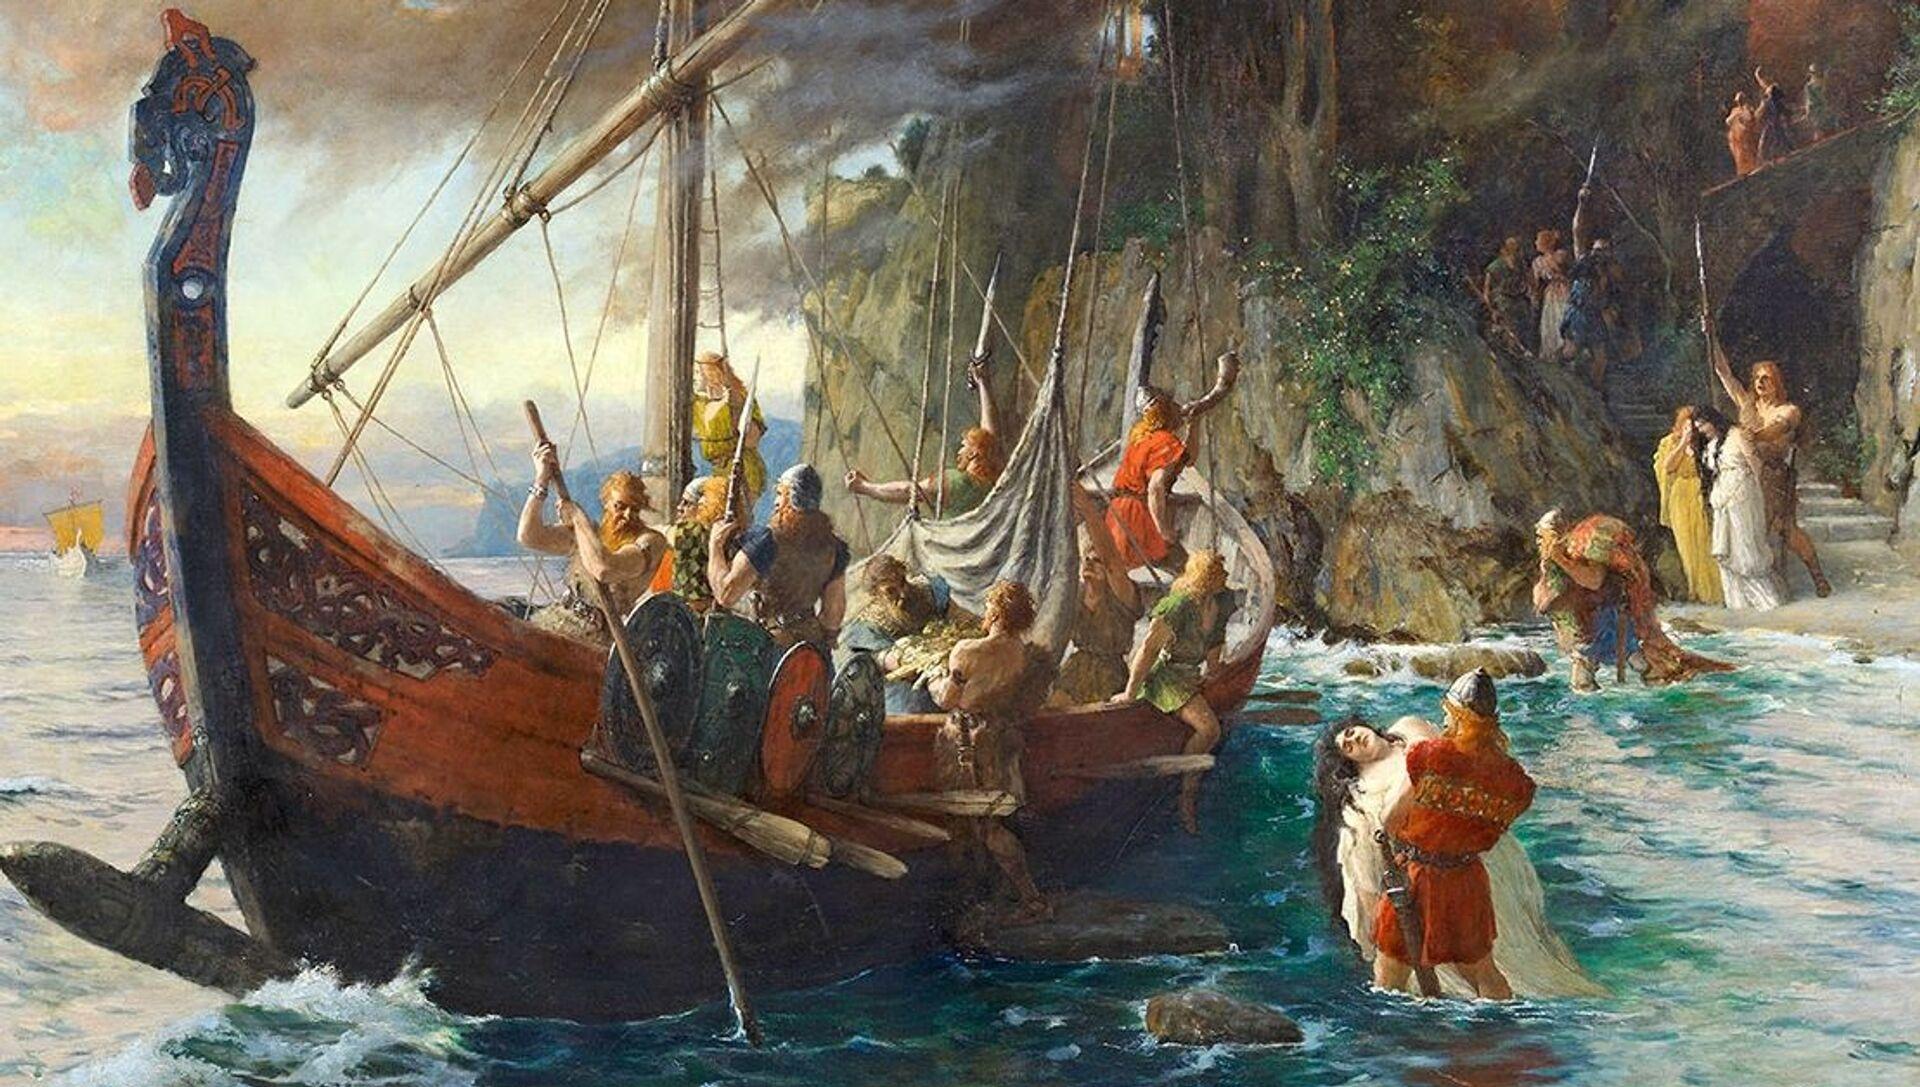 Trovata la casa della leggendaria donna vichinga che attraversò Atlantico 500 anni prima di Colombo - Sputnik Italia, 1920, 11.03.2021